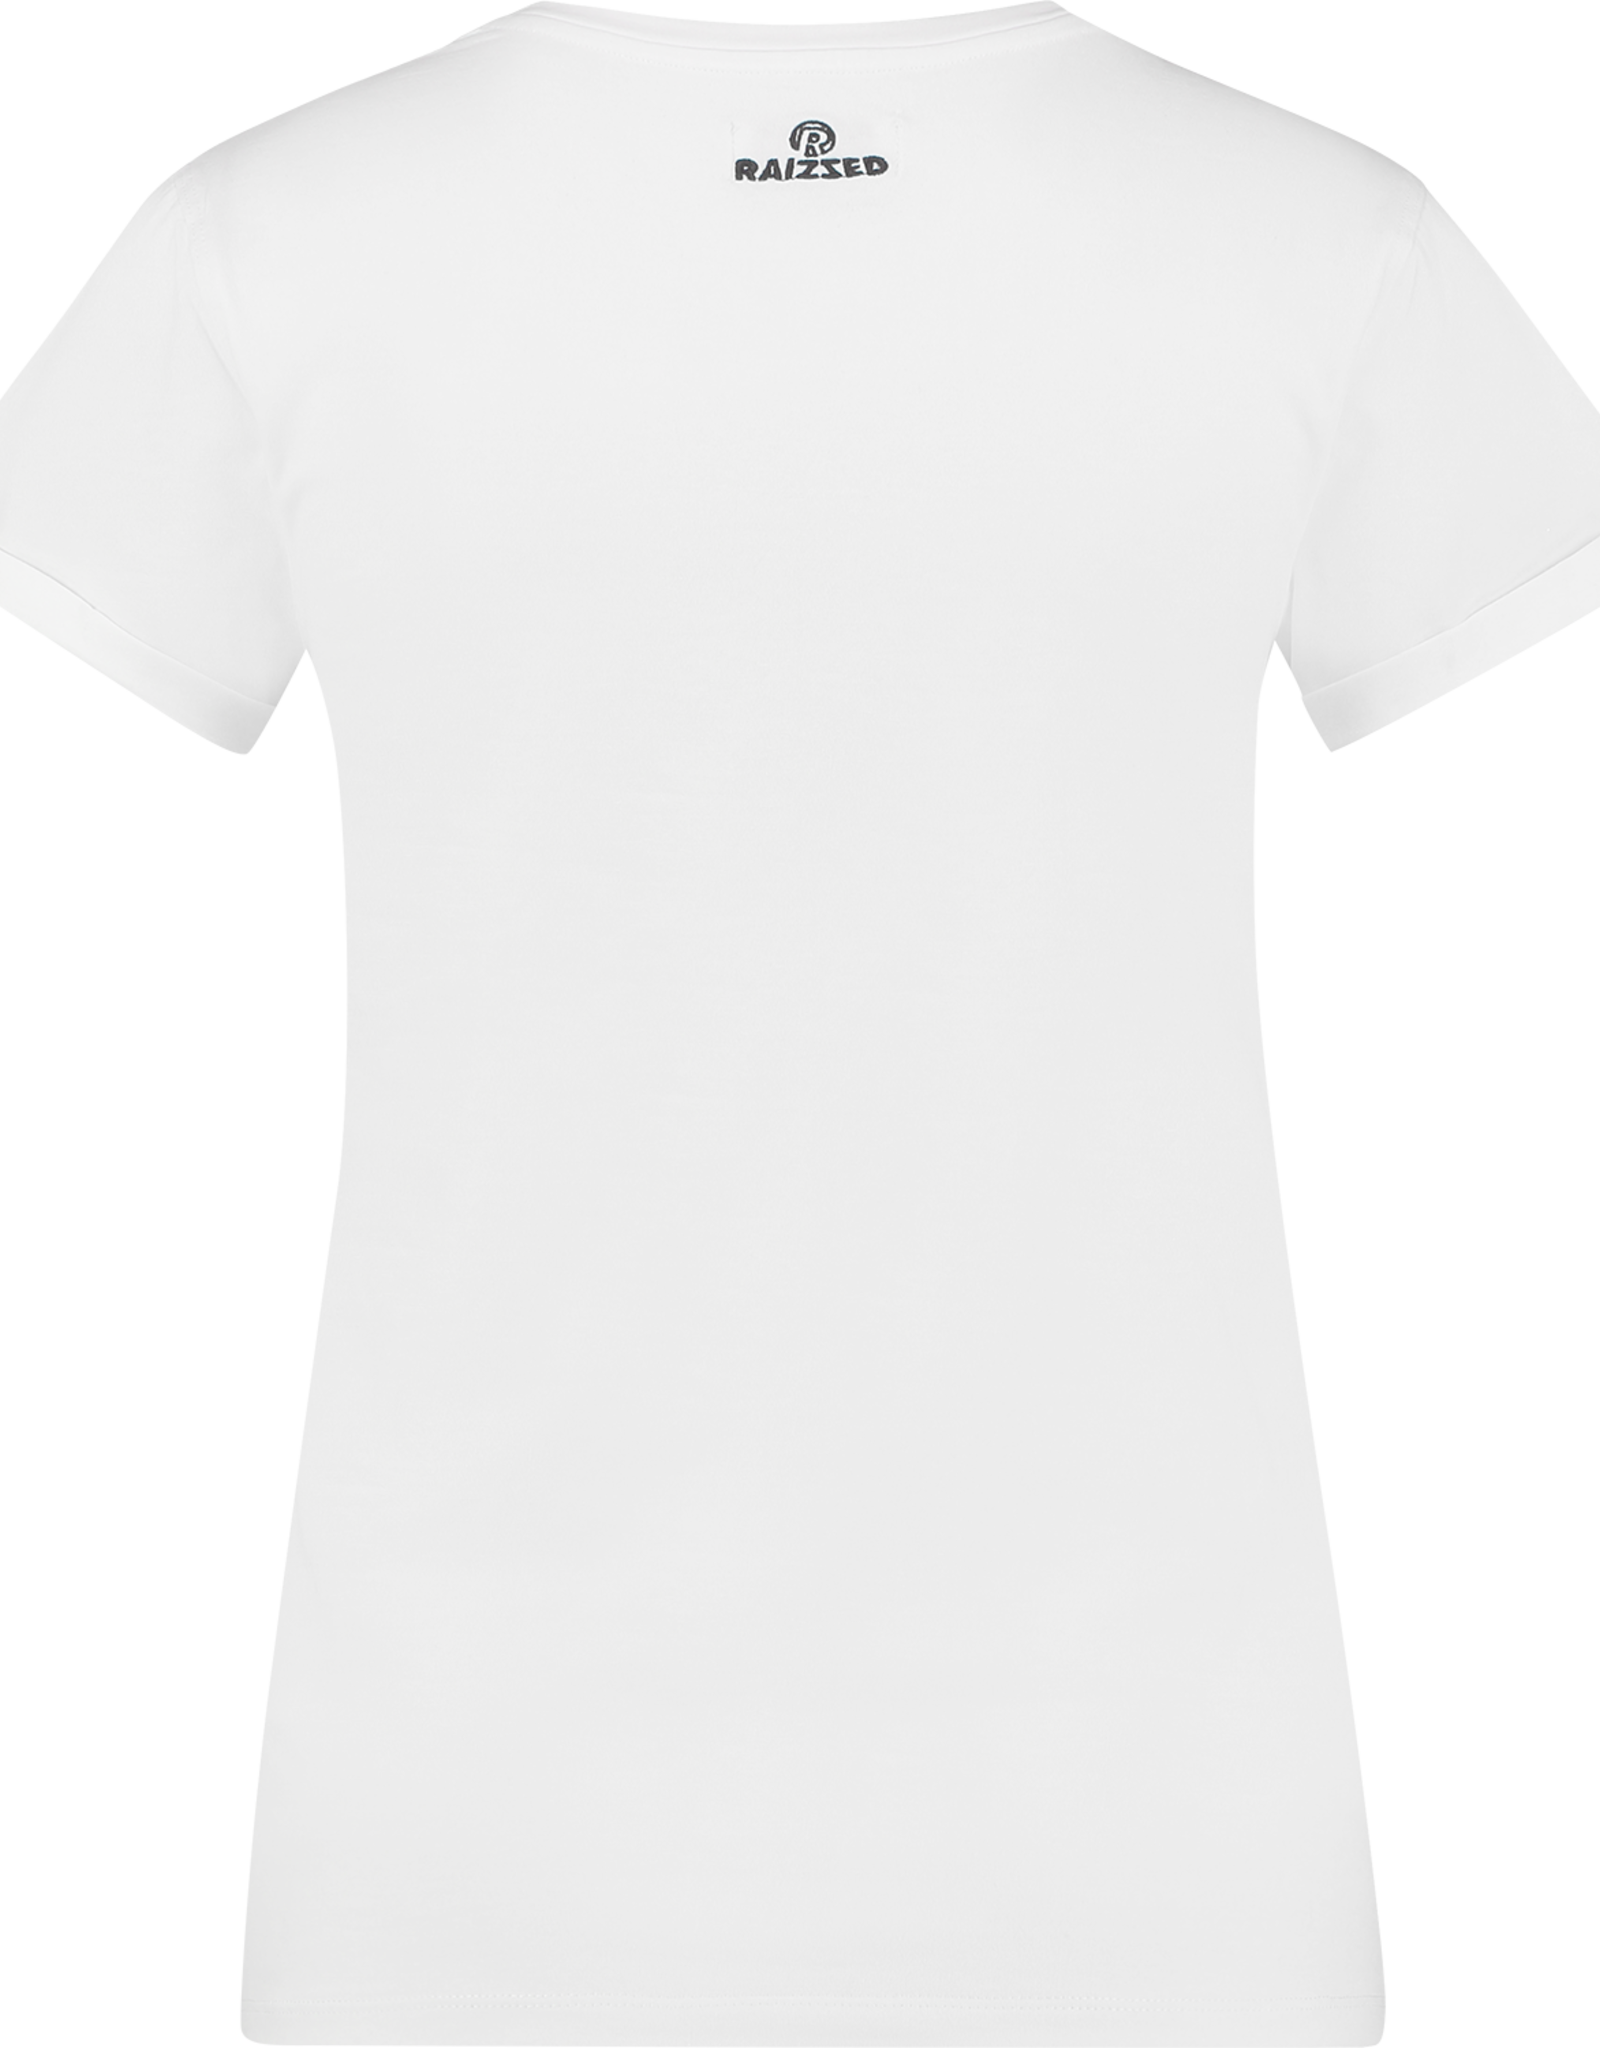 Raizzed Raizzed Orleans Basic T-shirt